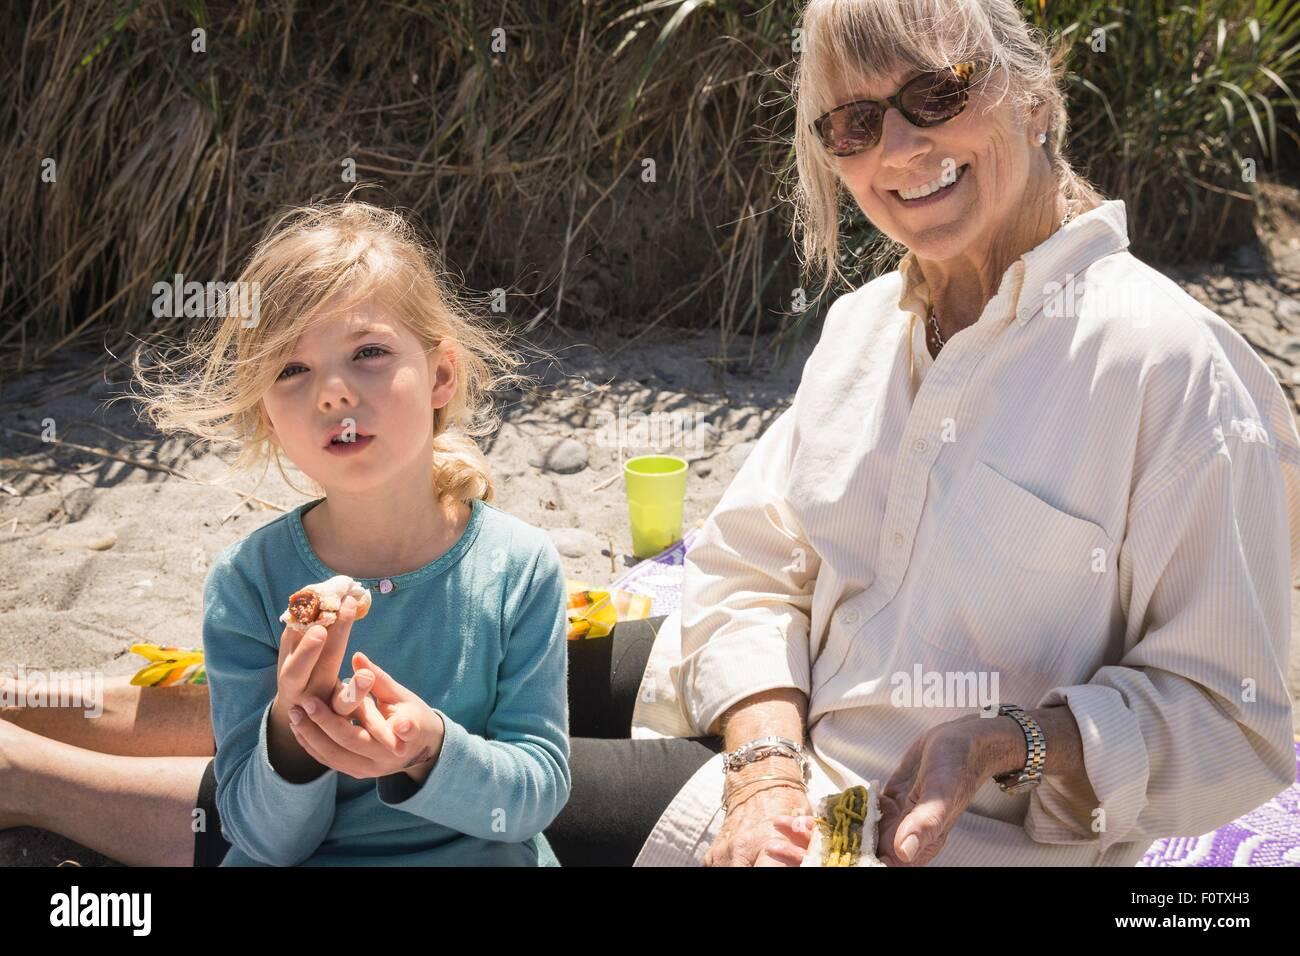 Großmutter und Enkelin mit Picknick am Strand Stockbild